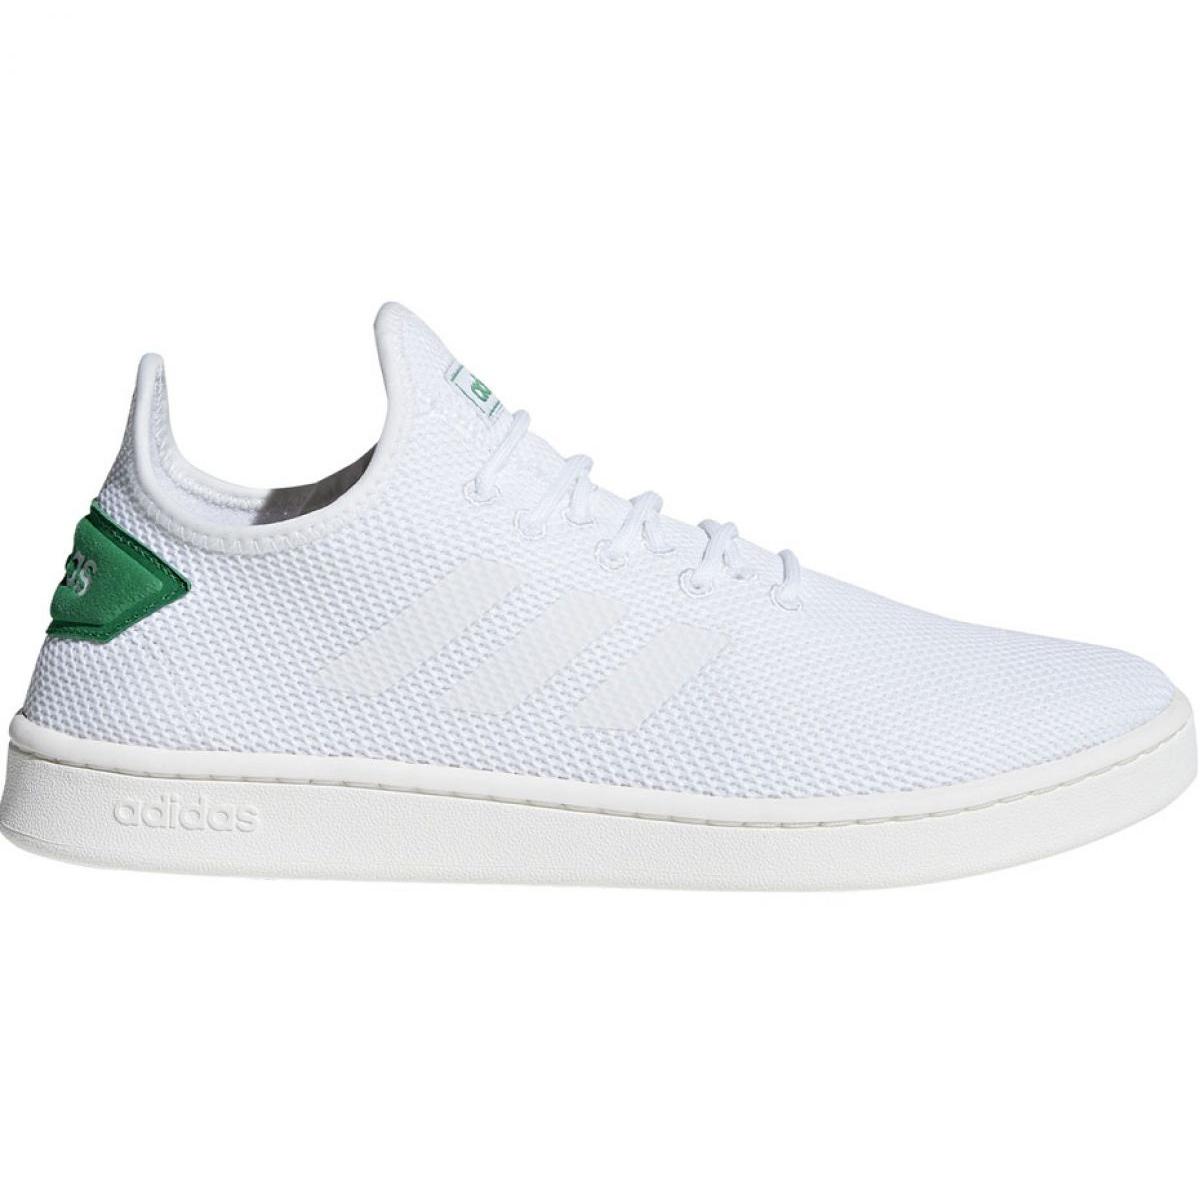 Calçados Adidas Court Adapt M F36417 branco